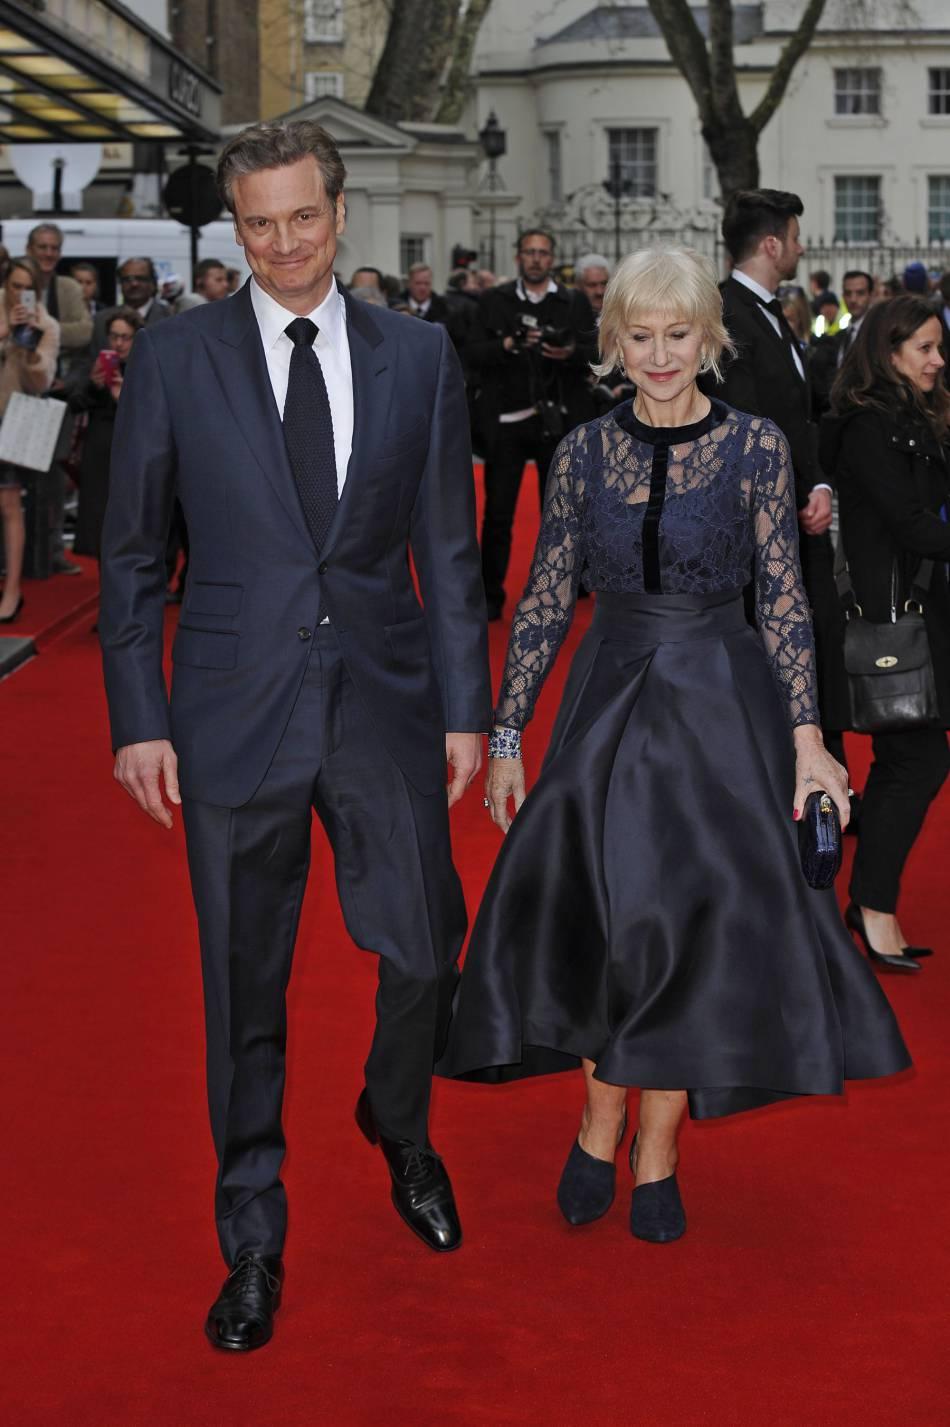 Helen Mirren a pu compter sur la présence de son ami Colin Firth, 55 ans, pour l'accompagner sur le tapis rouge.